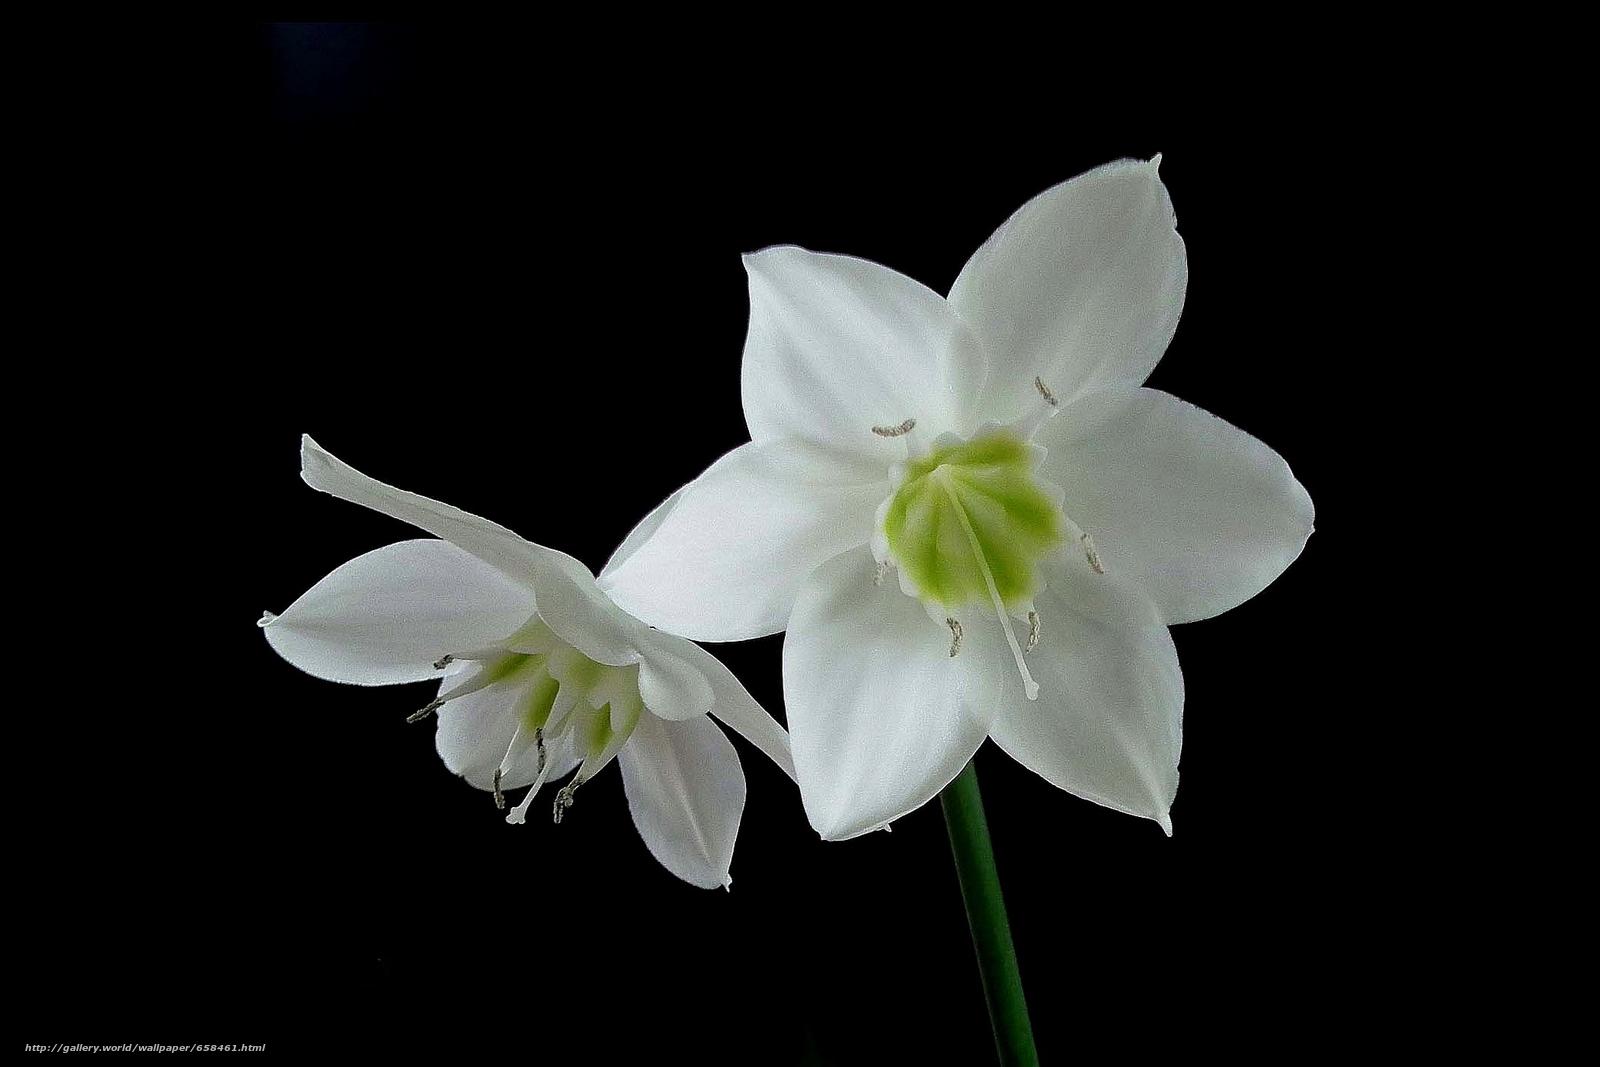 壁紙をダウンロード 花,  フラワーズ,  フローラ デスクトップの解像度のための無料壁紙 2100x1400 — 絵 №658461